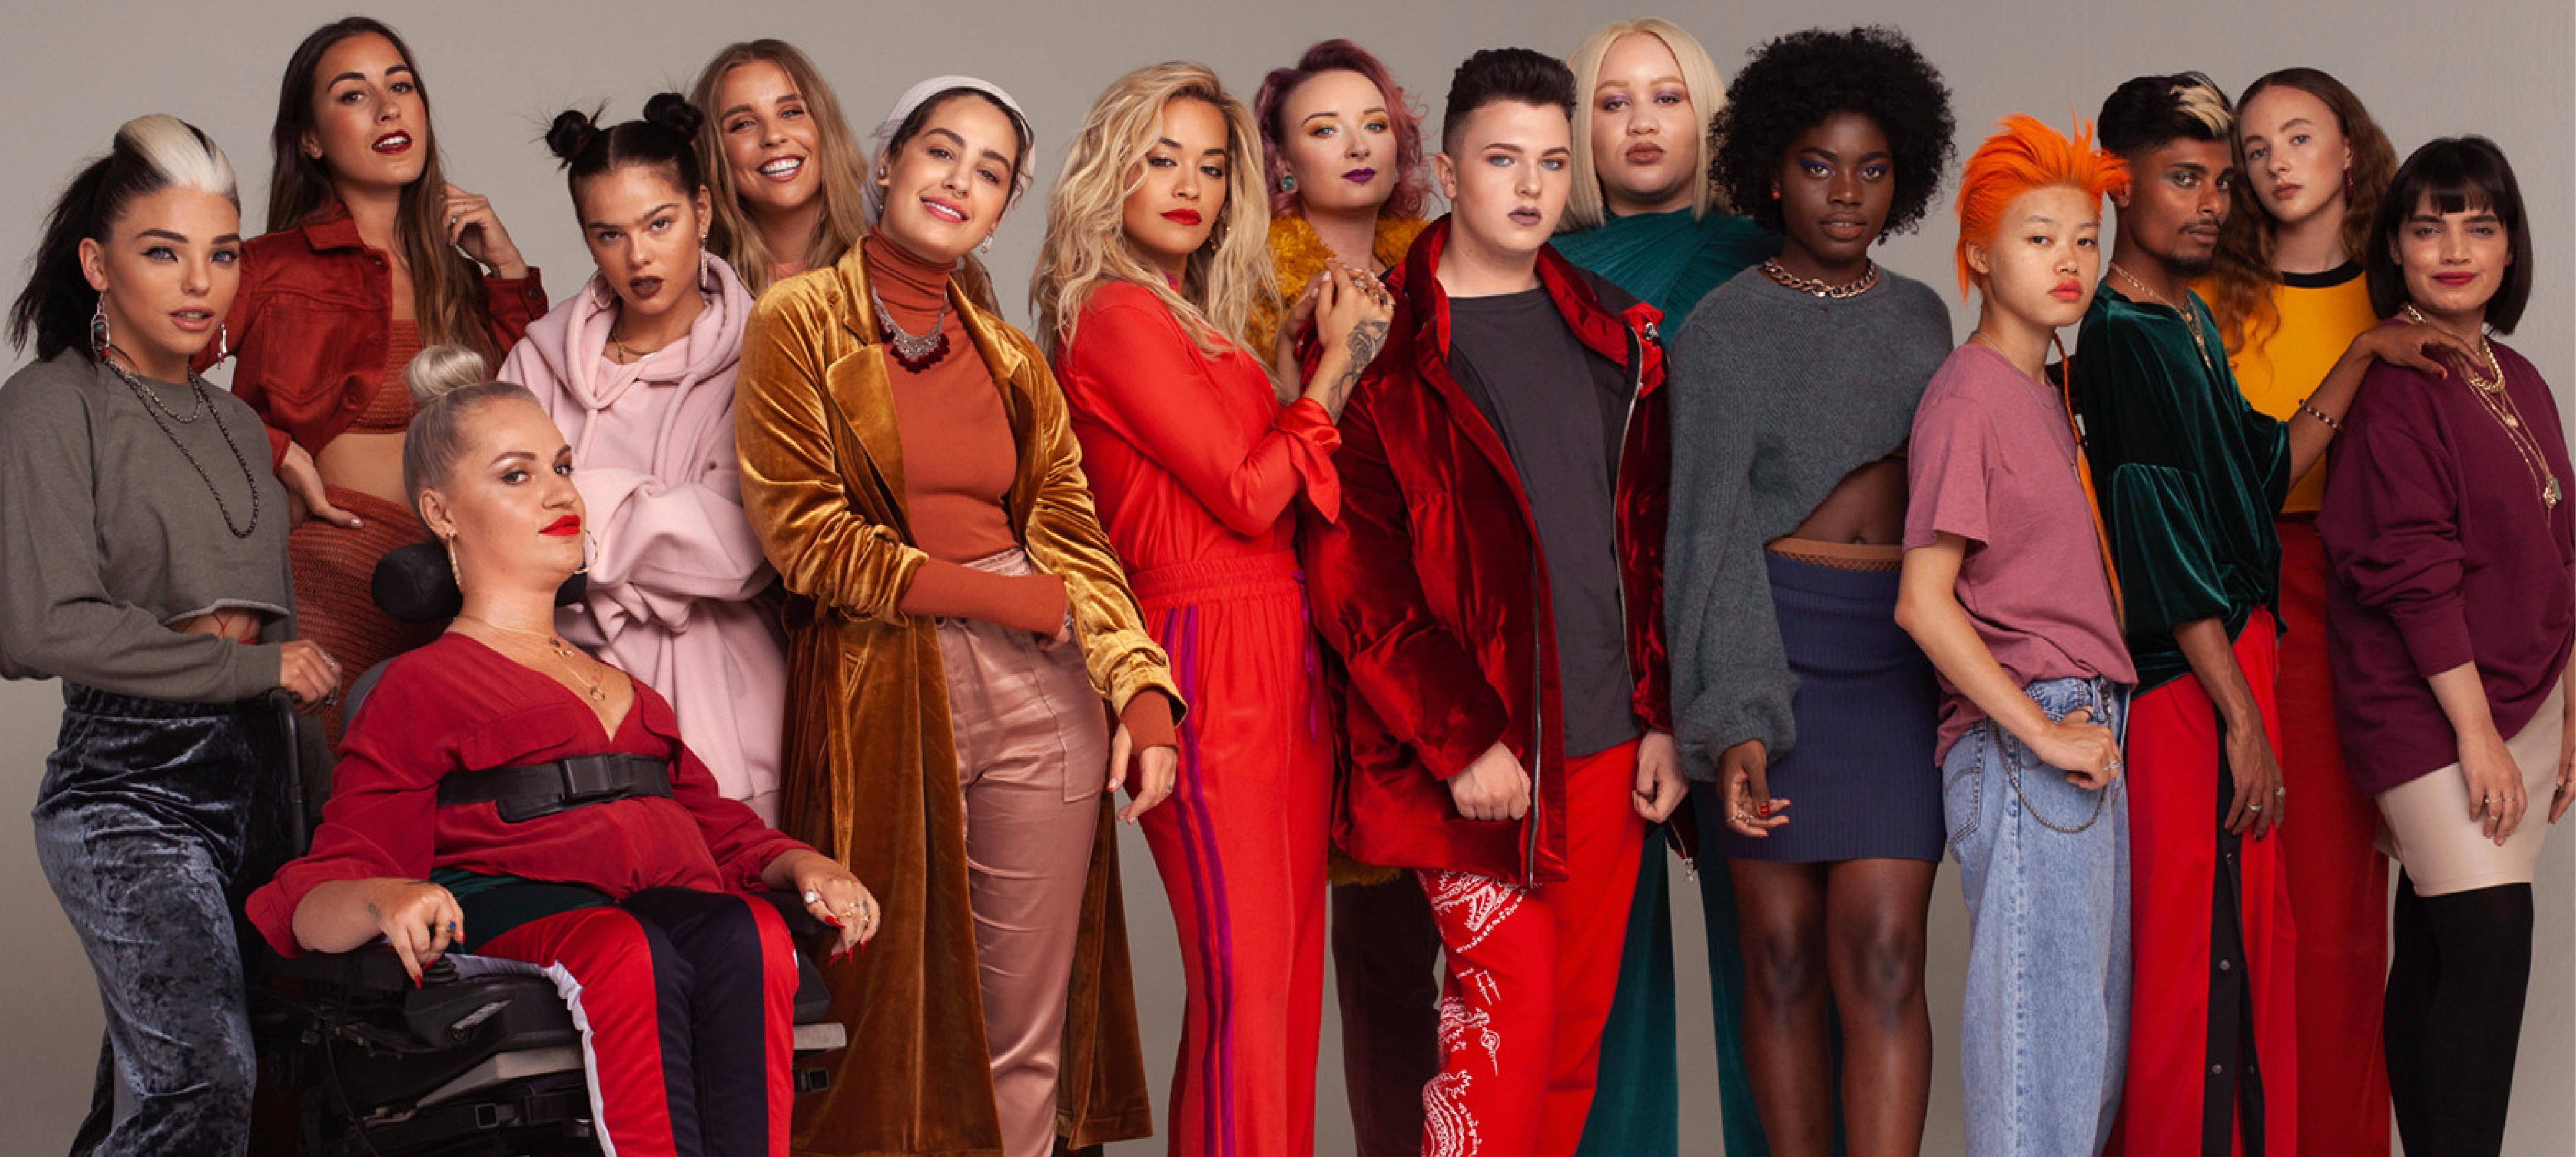 Rimmel Pakt Uit met Campagne Tegen Beauty Cyberbullying